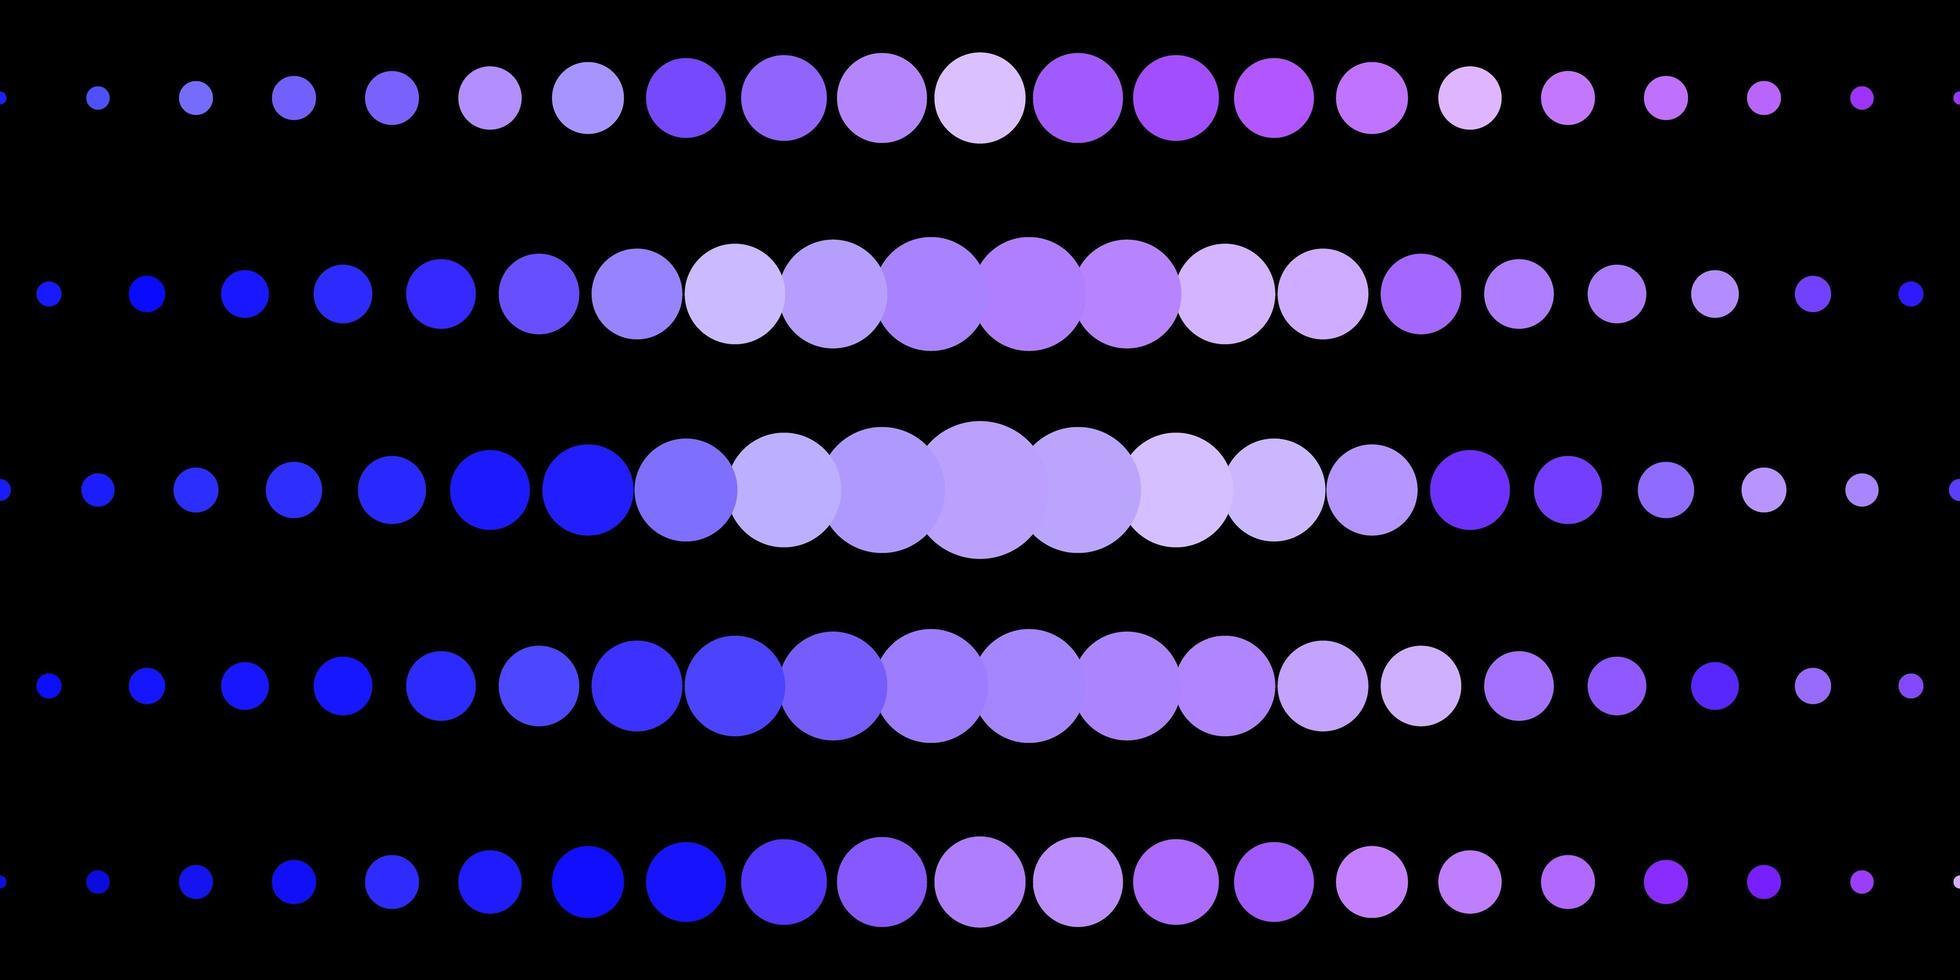 mörkrosa, blå vektorbakgrund med fläckar. vektor